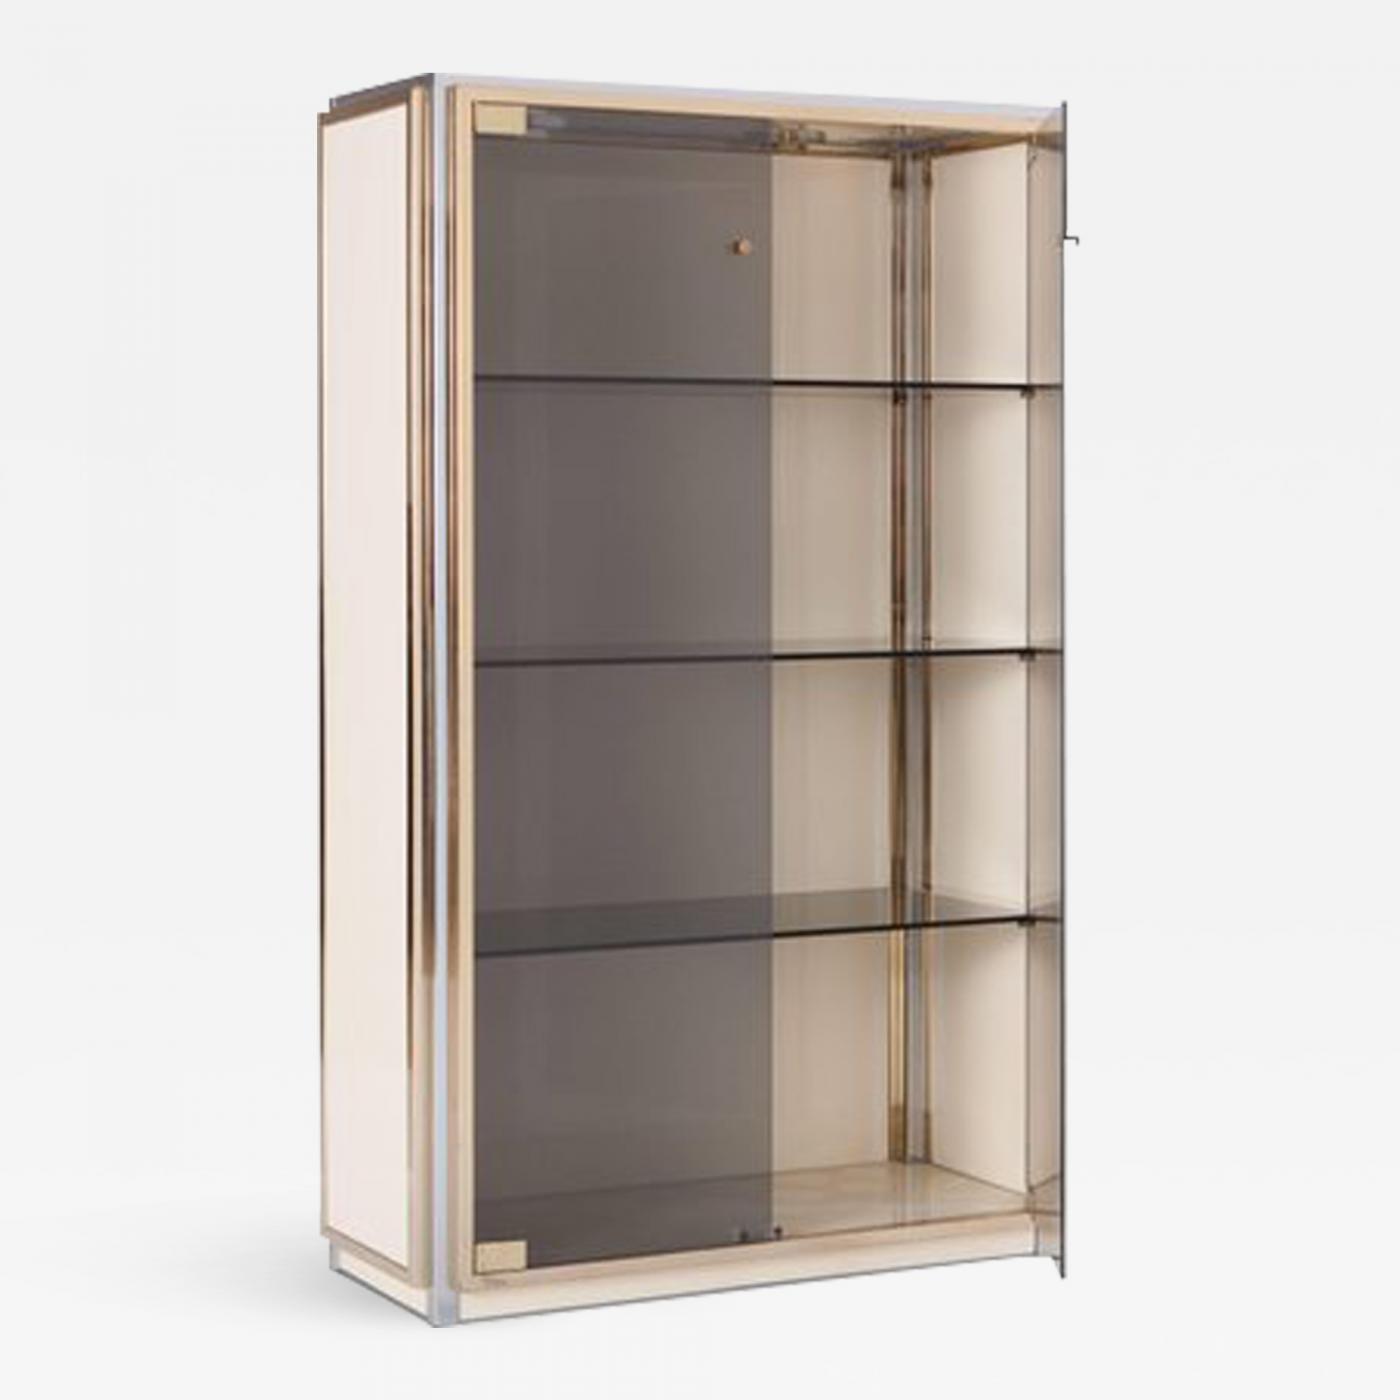 Renato Zevi Renato Zevi Vitrine Showcase With Glass Doors Italy